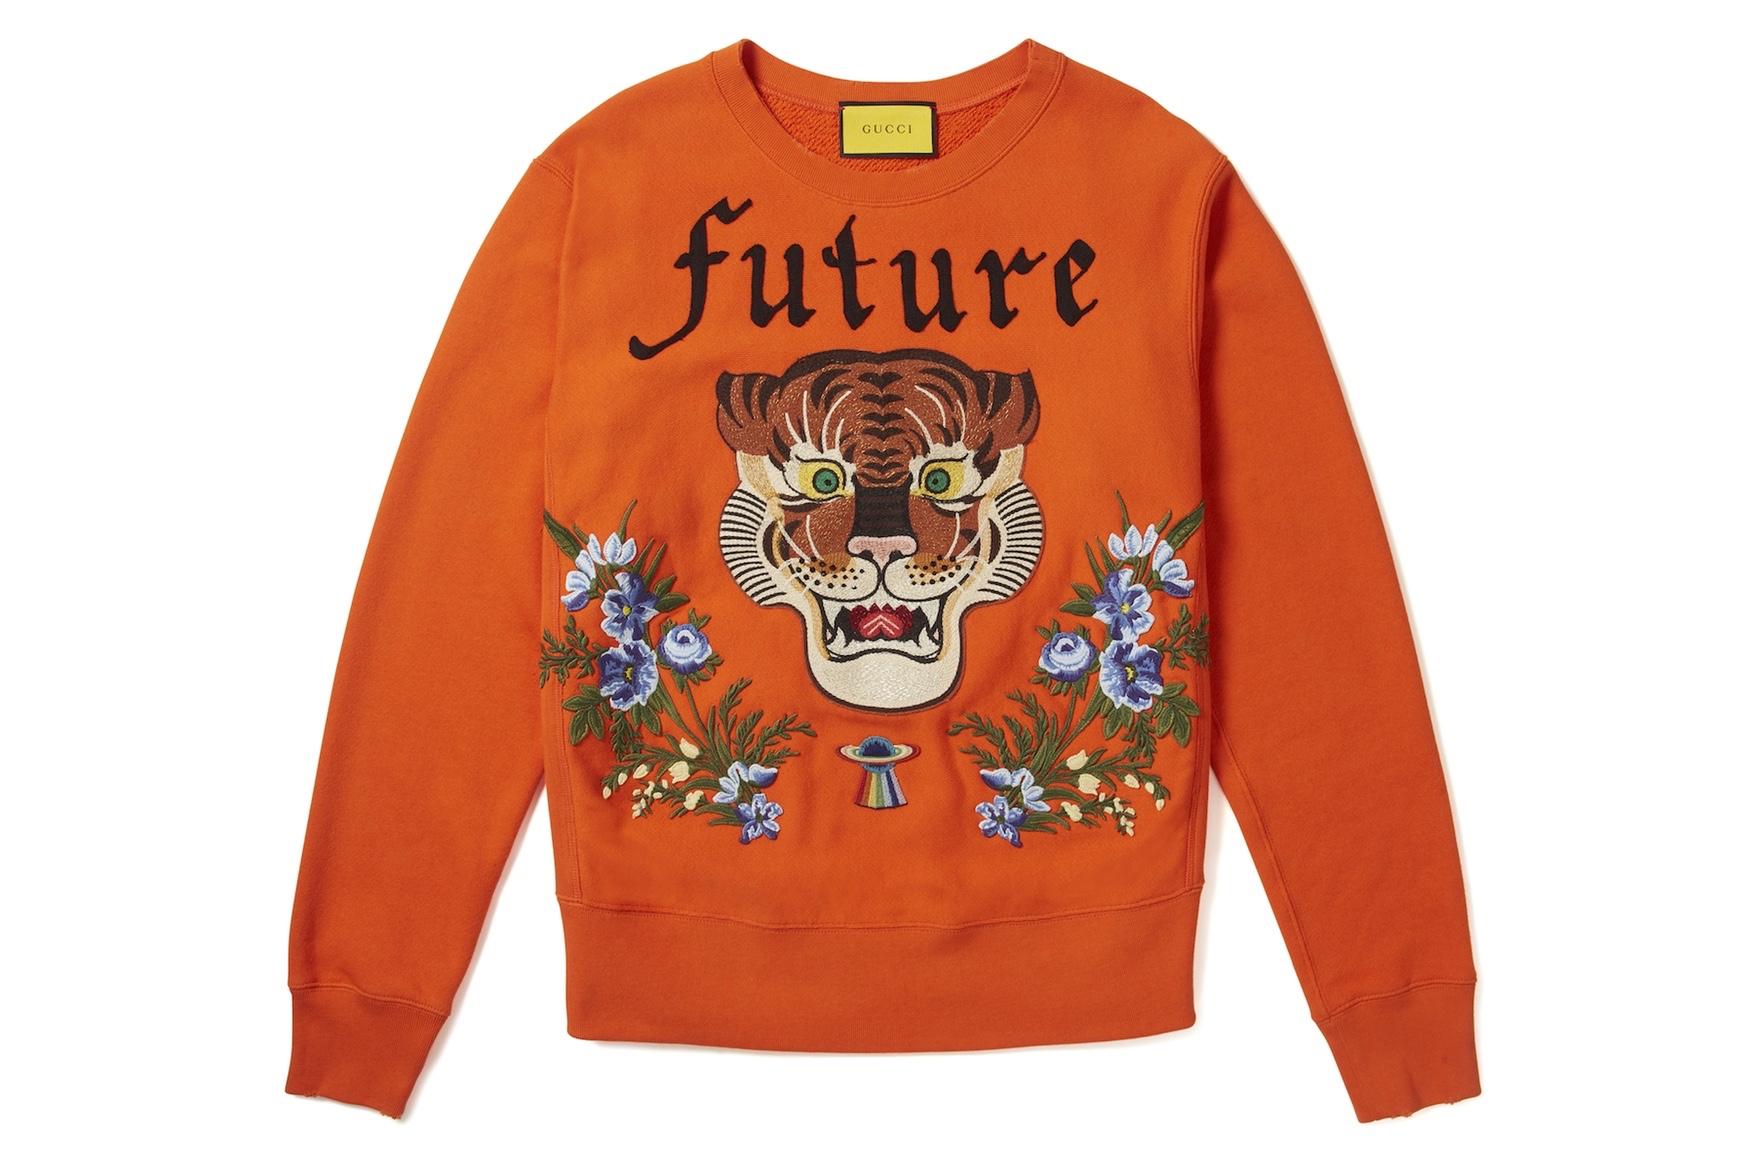 Découvrez l'itération ultra-stylée signée Gucci pour NET-A-PORTER et Mr Porter